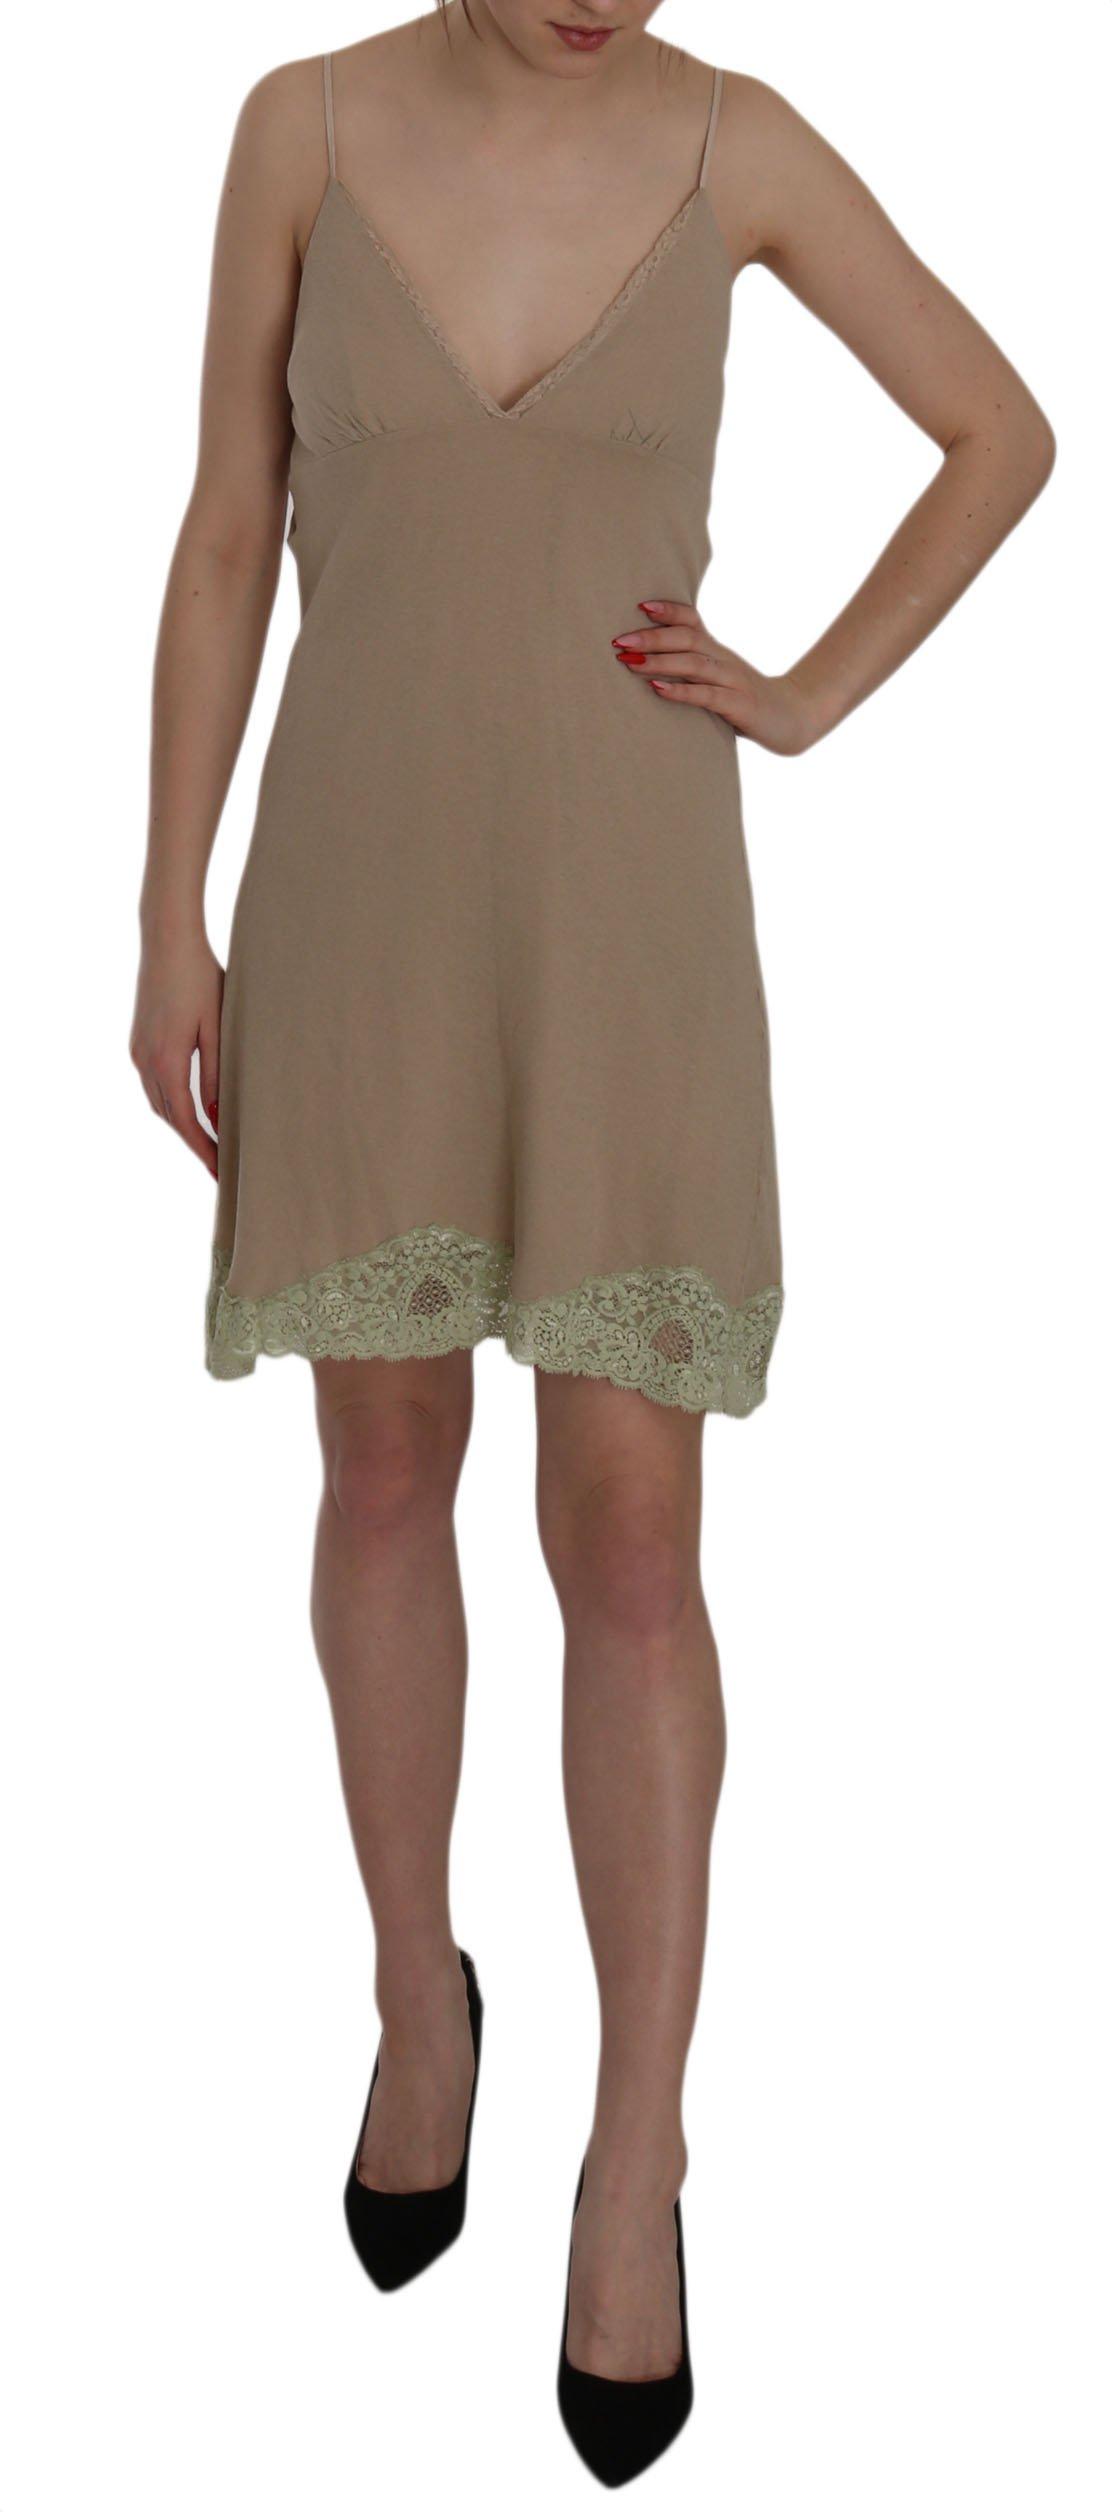 PINK MEMORIES Women's Lace Spaghetti Strap Cotton Dress Beige TSH3477 - IT42|M